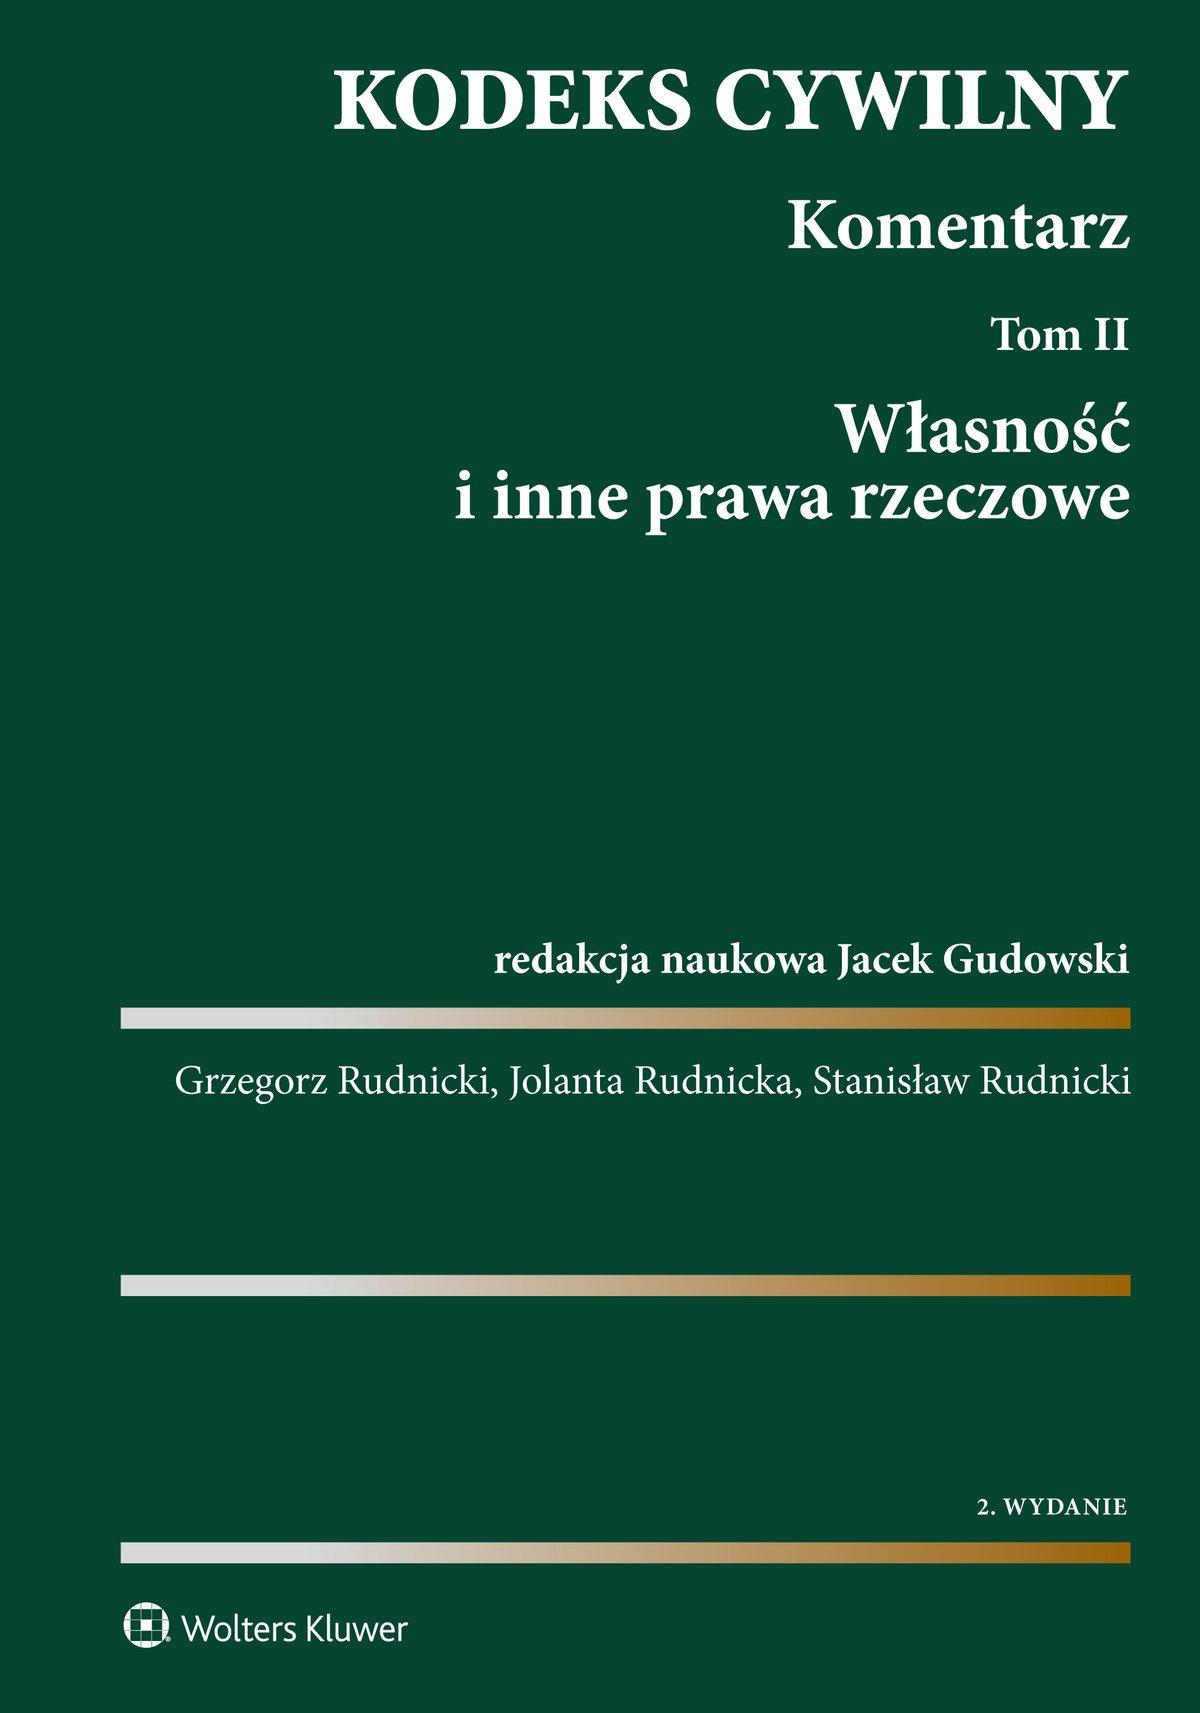 Kodeks cywilny. Komentarz. Tom 2. Własność i inne prawa rzeczowe - Ebook (Książka PDF) do pobrania w formacie PDF